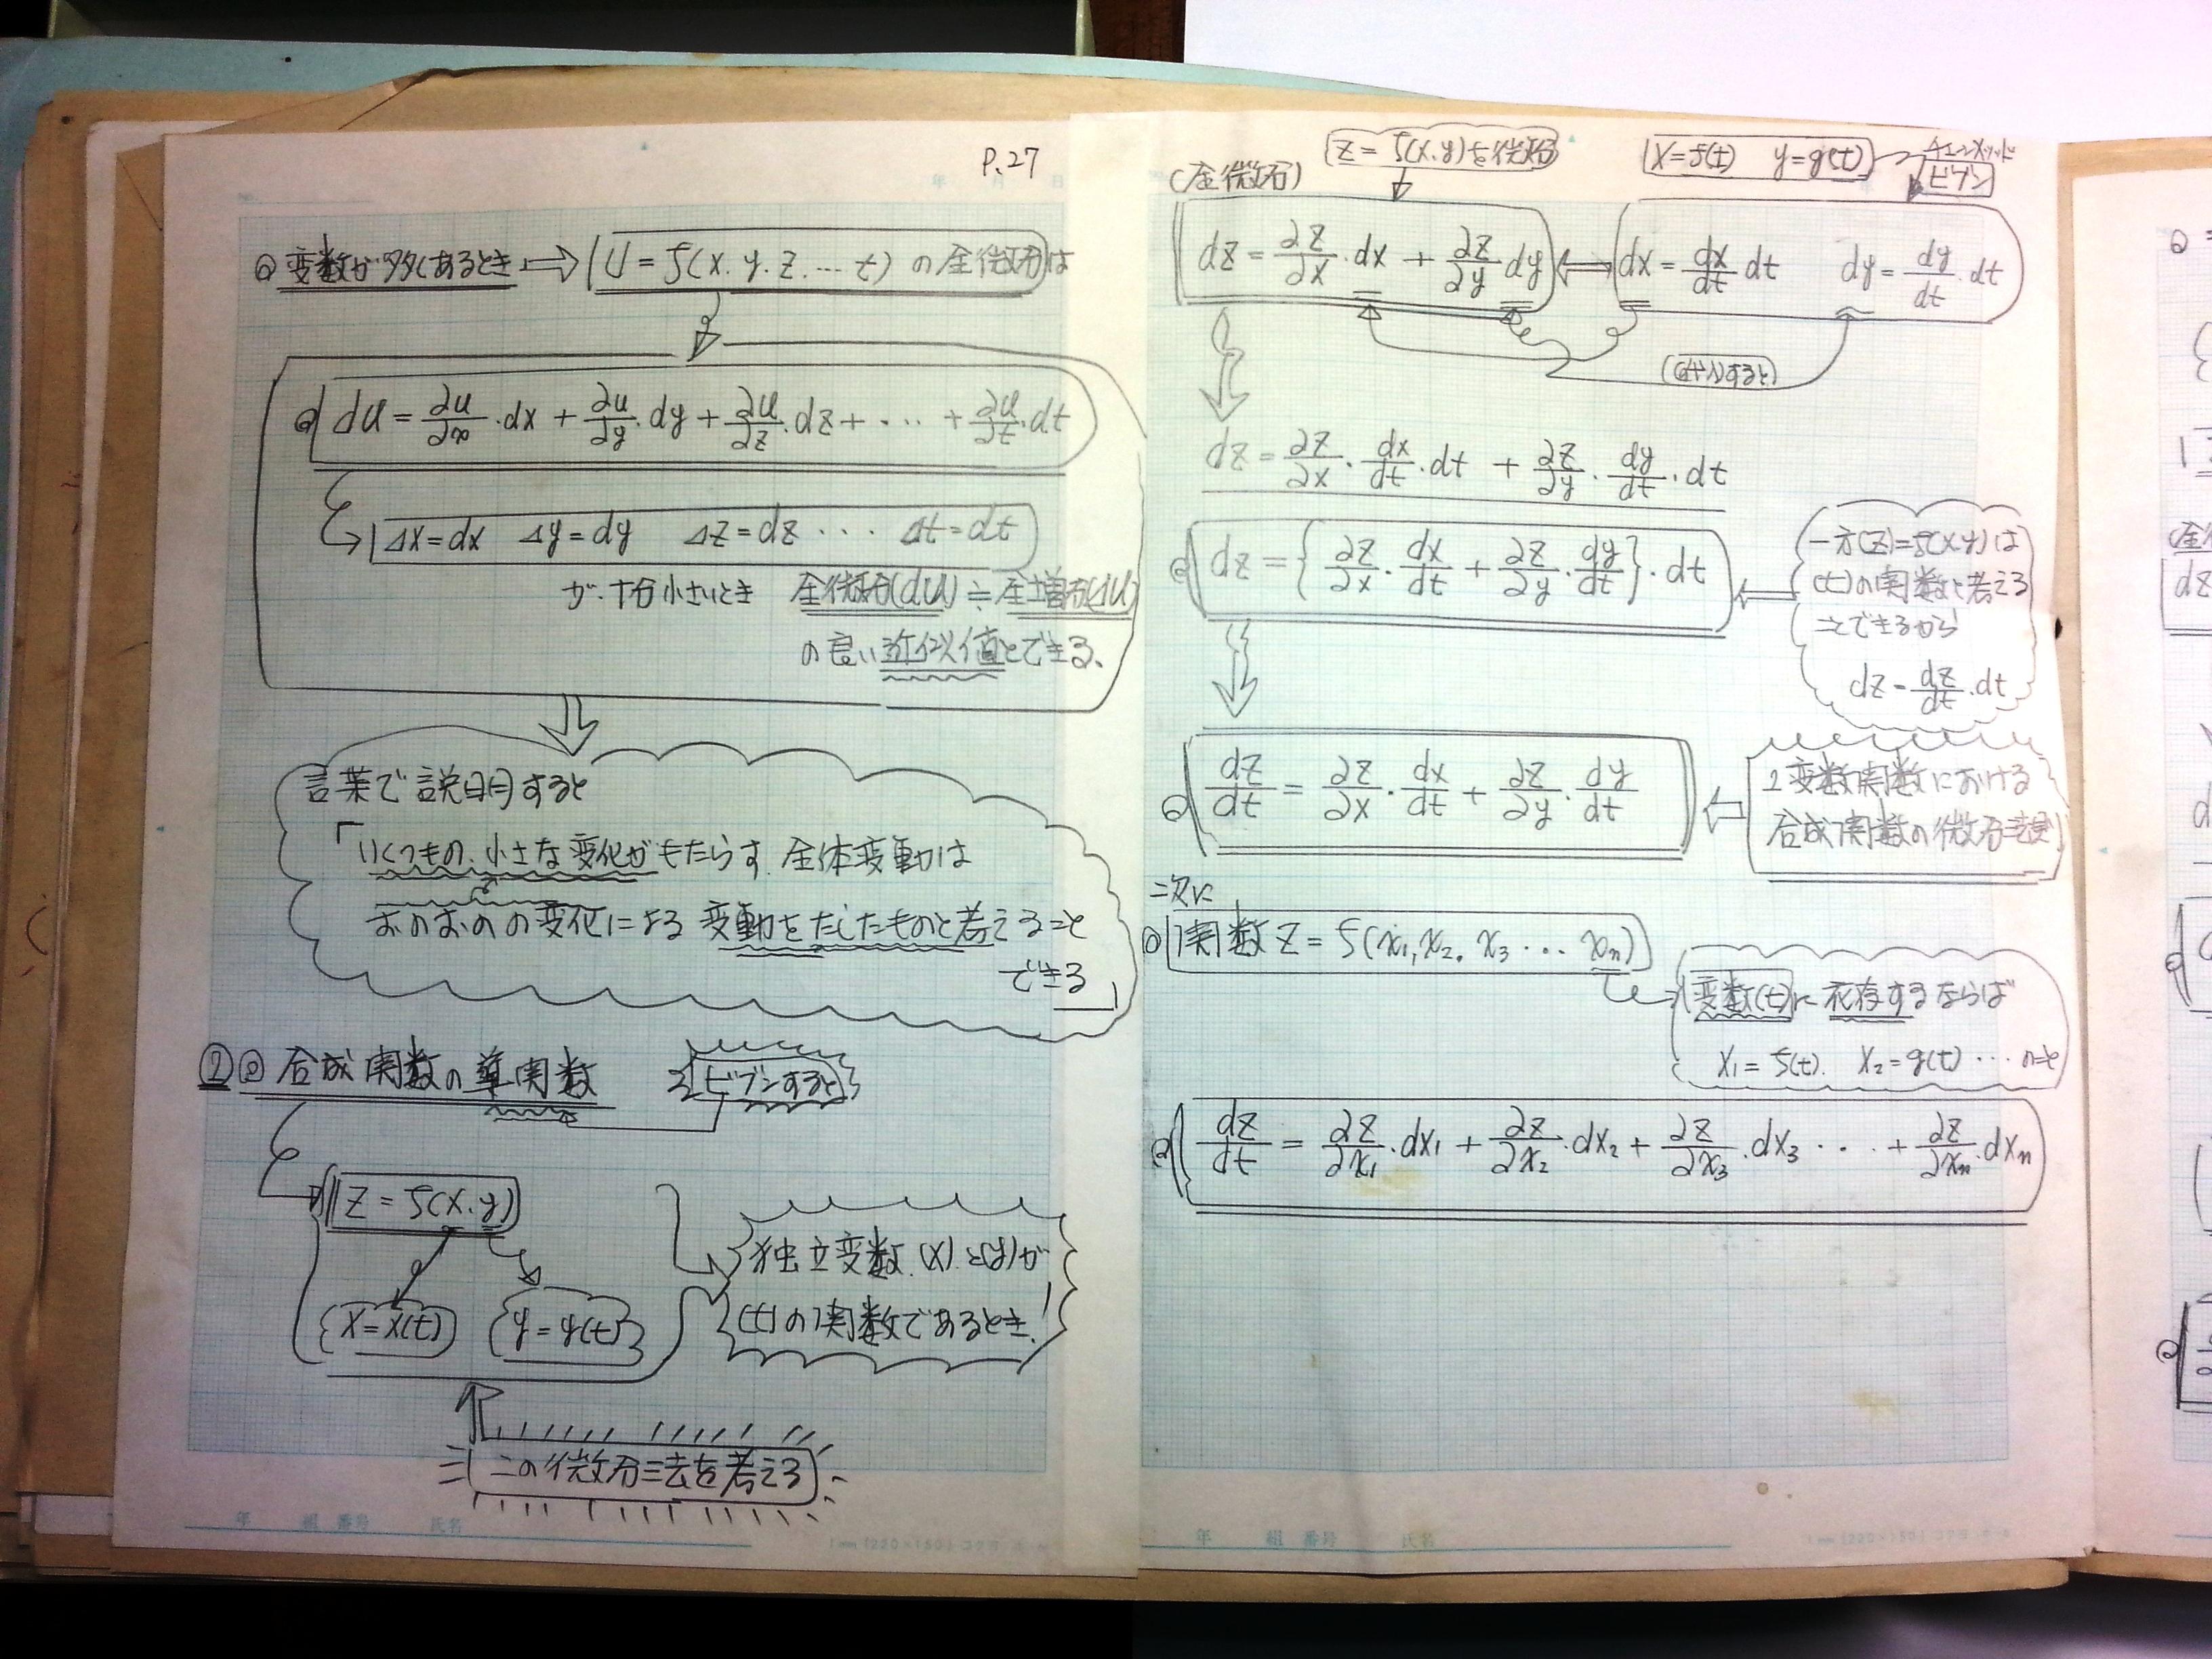 材料力学・振動工学-P27 | 小水...